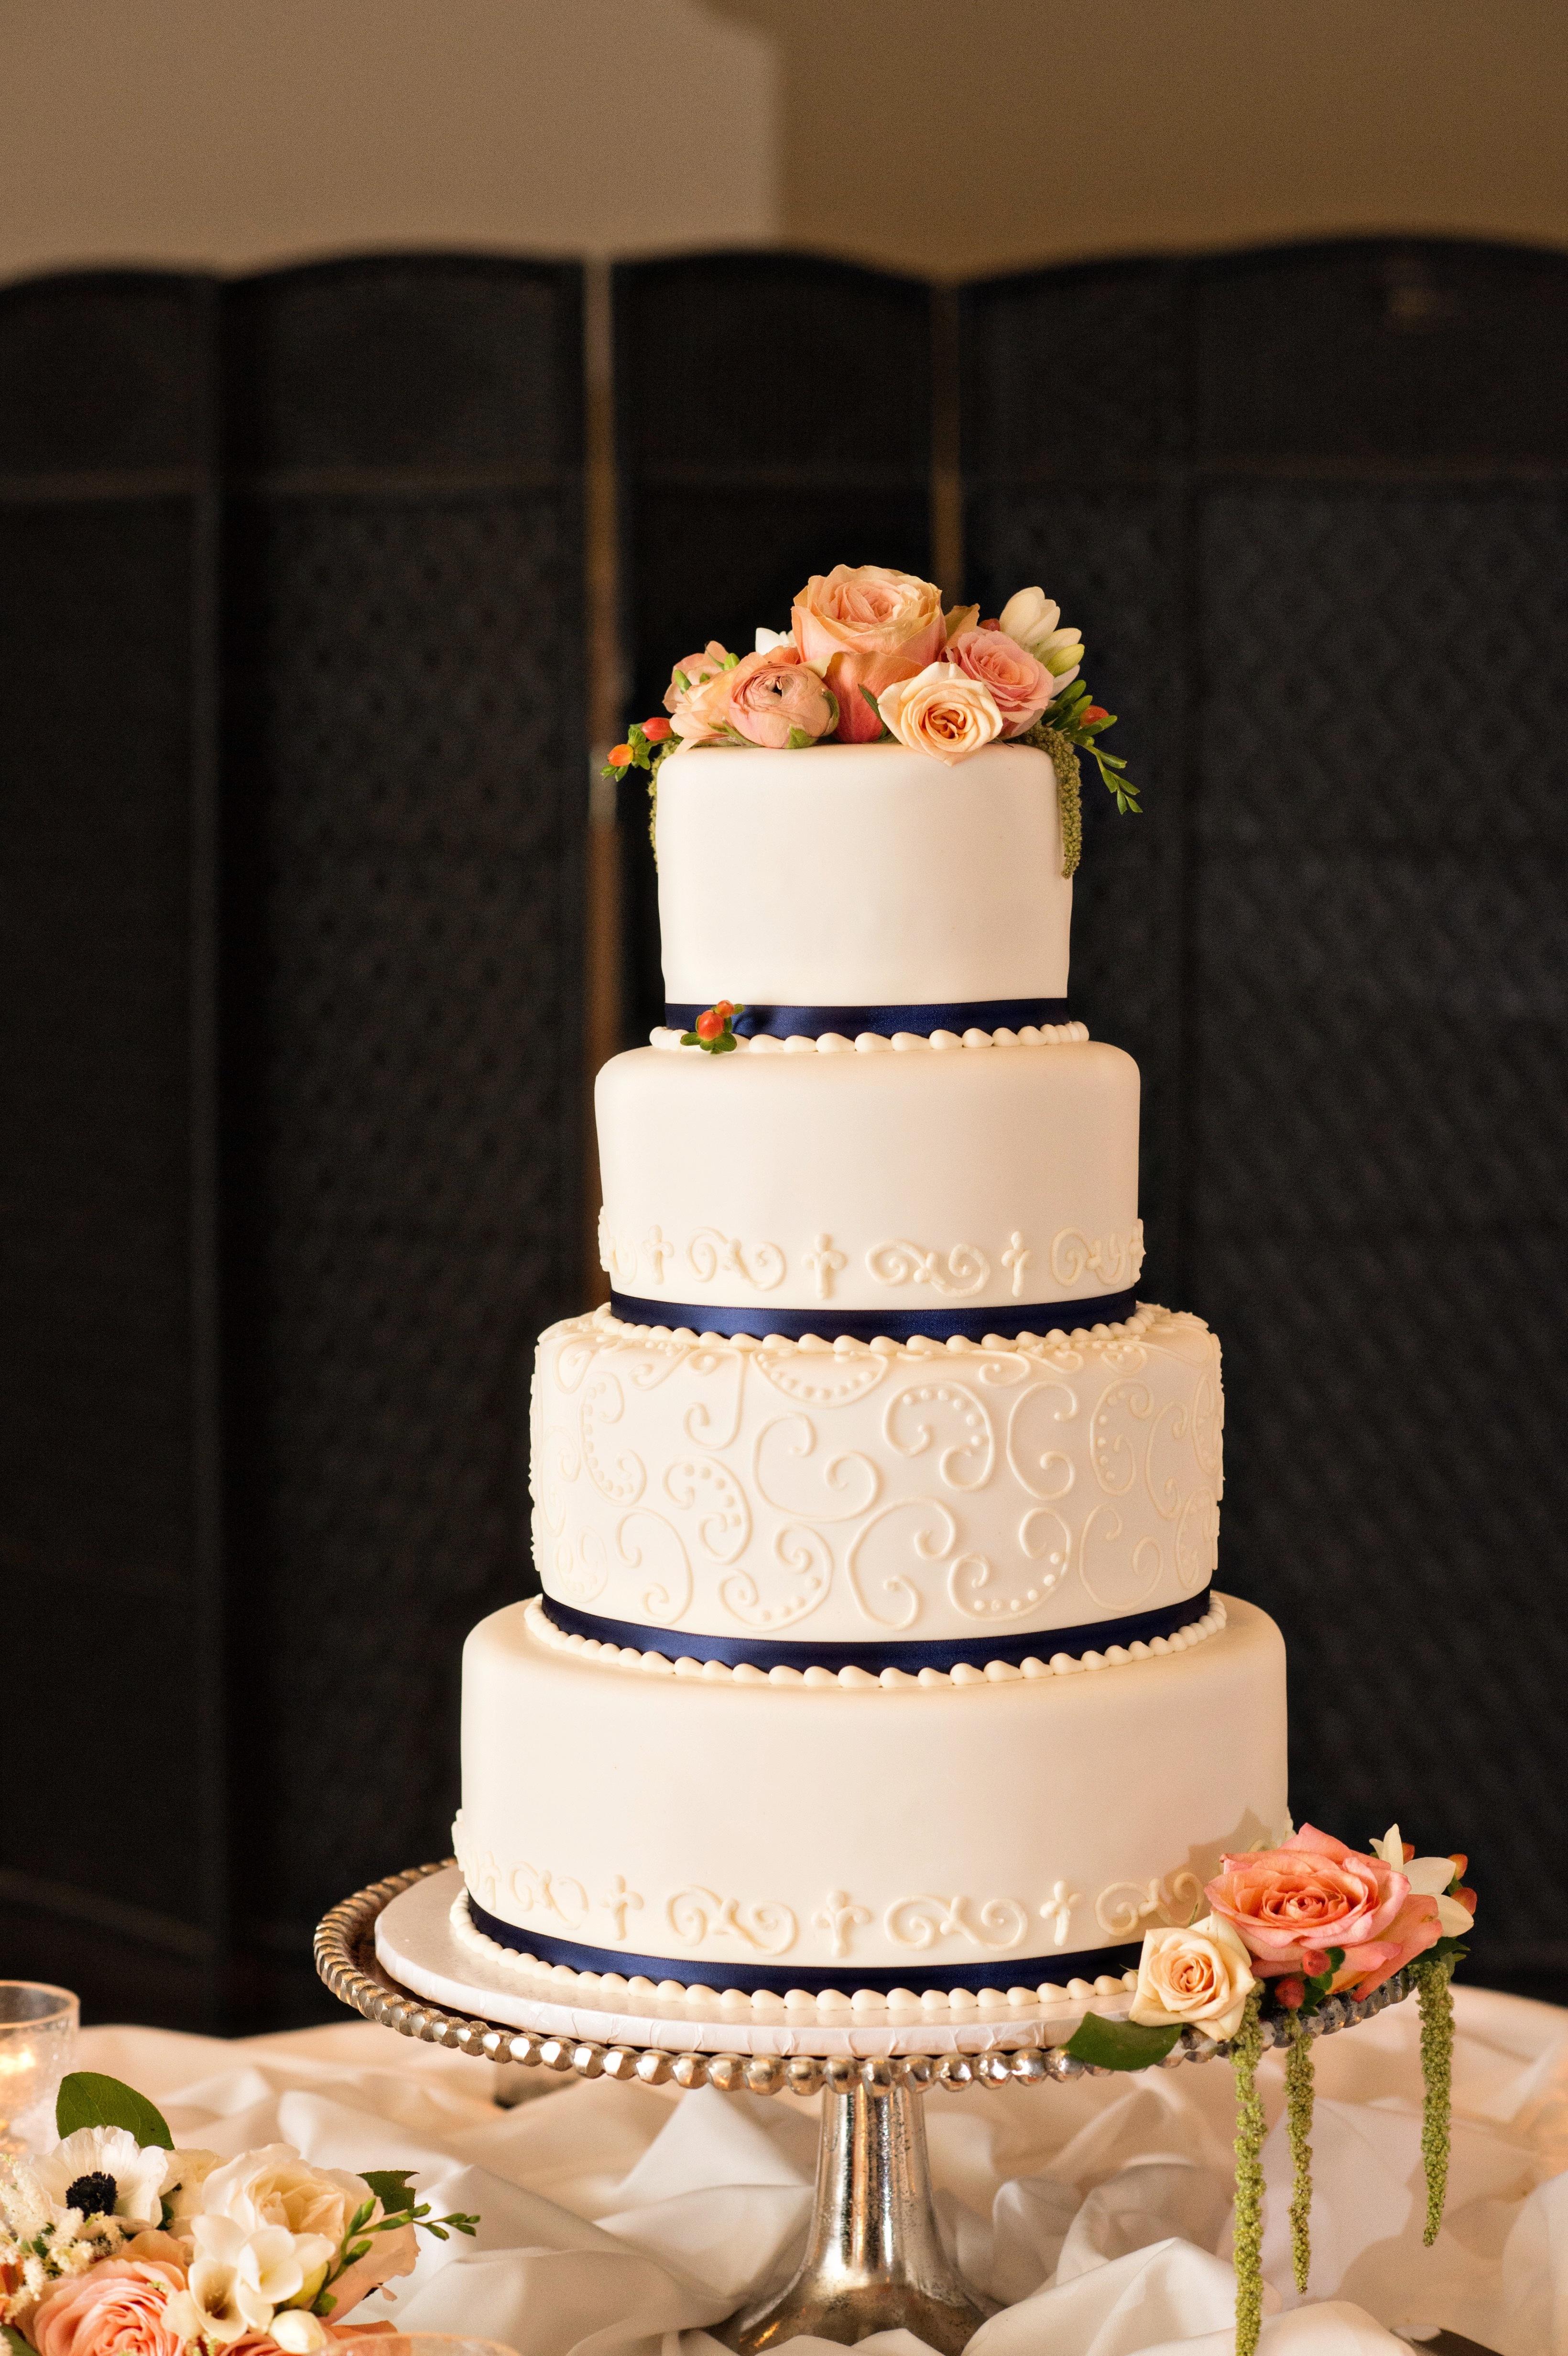 White stenciled wedding